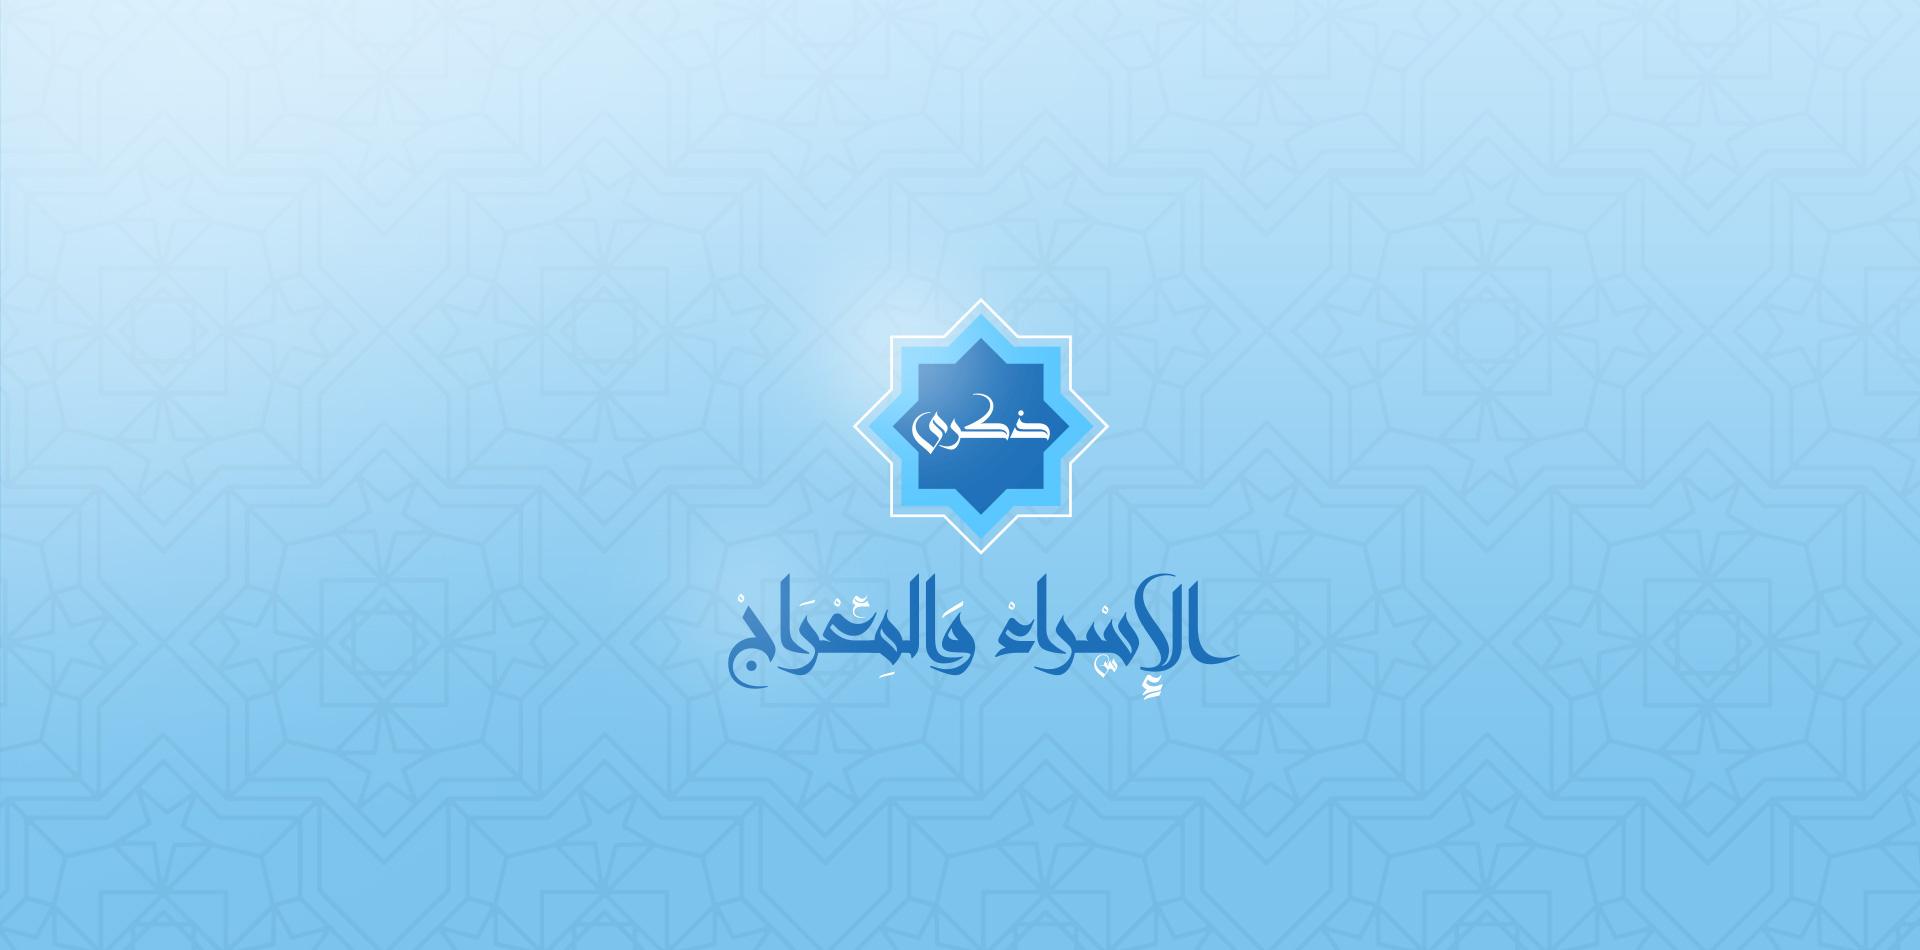 Esraa_Miraj_OAB_web